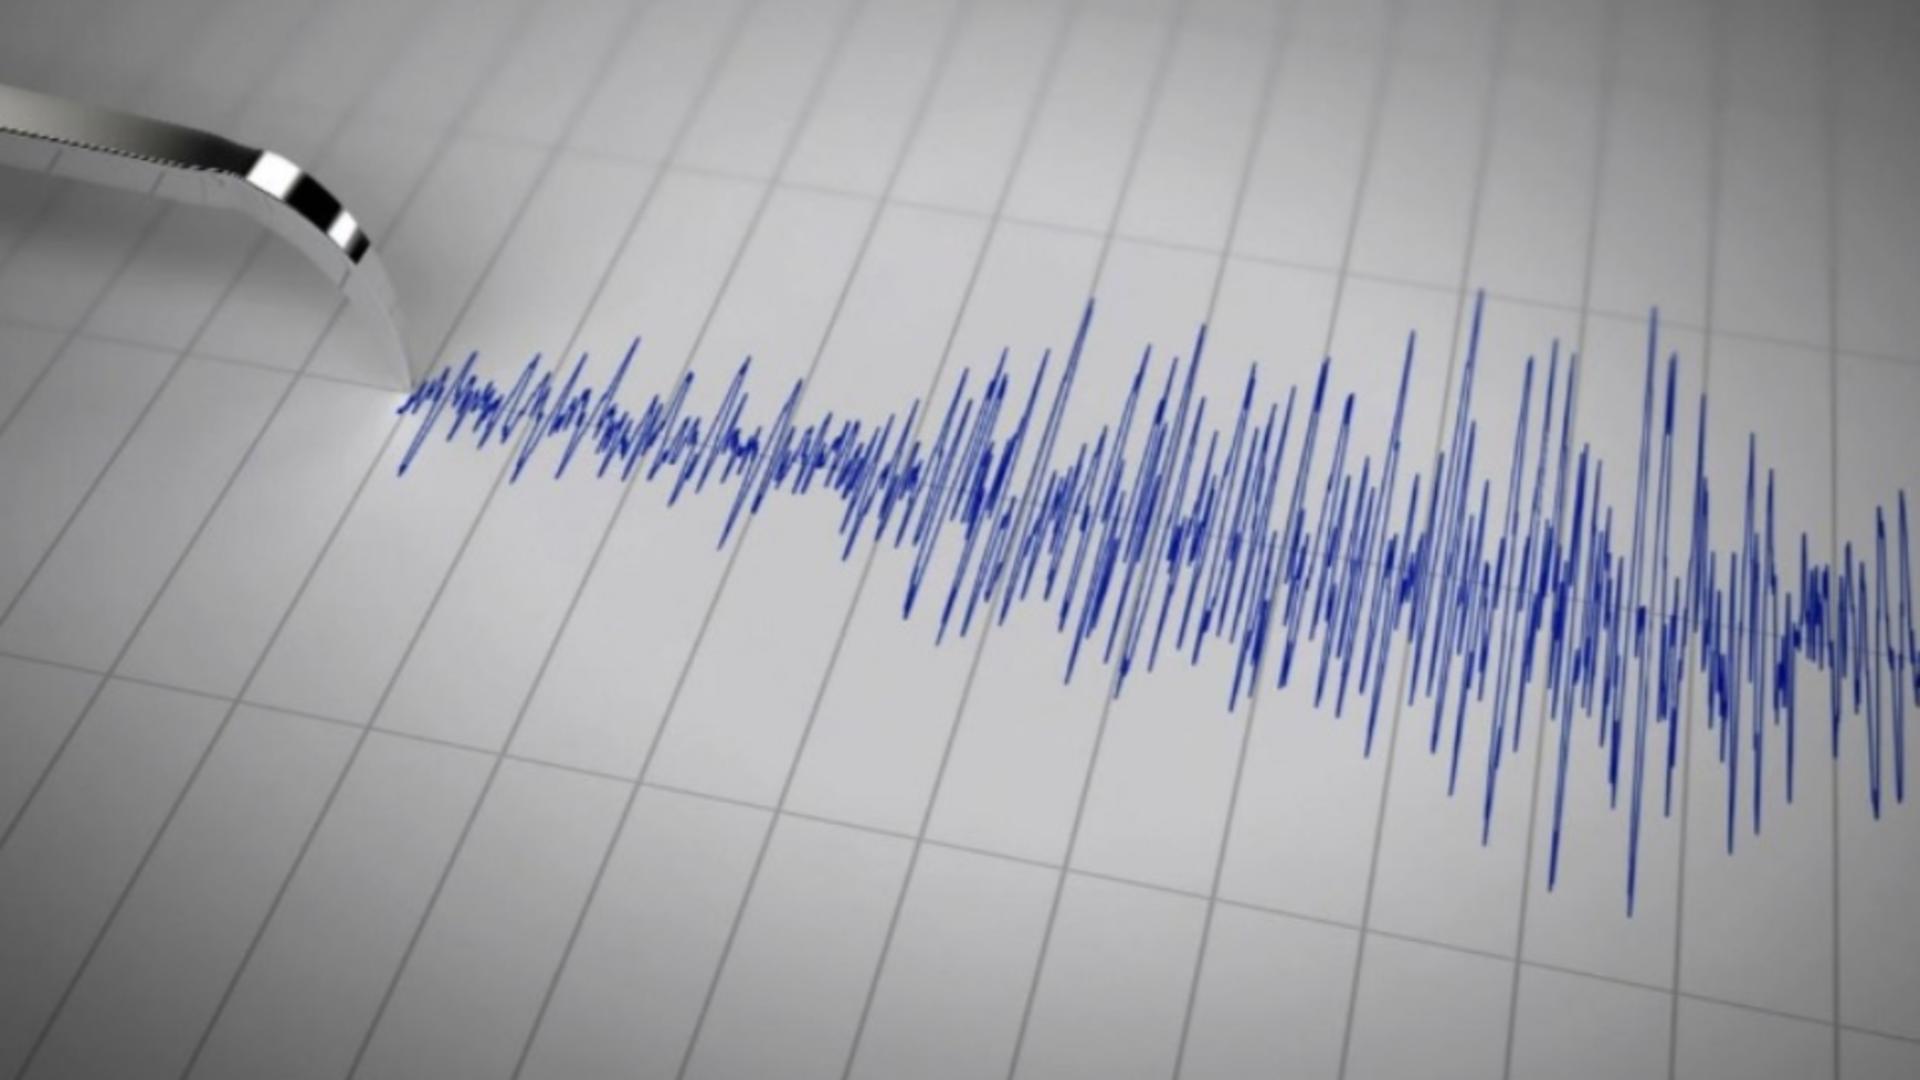 Încă un cutremur s-a produs în România. Al doilea în ultimele 24 de ore